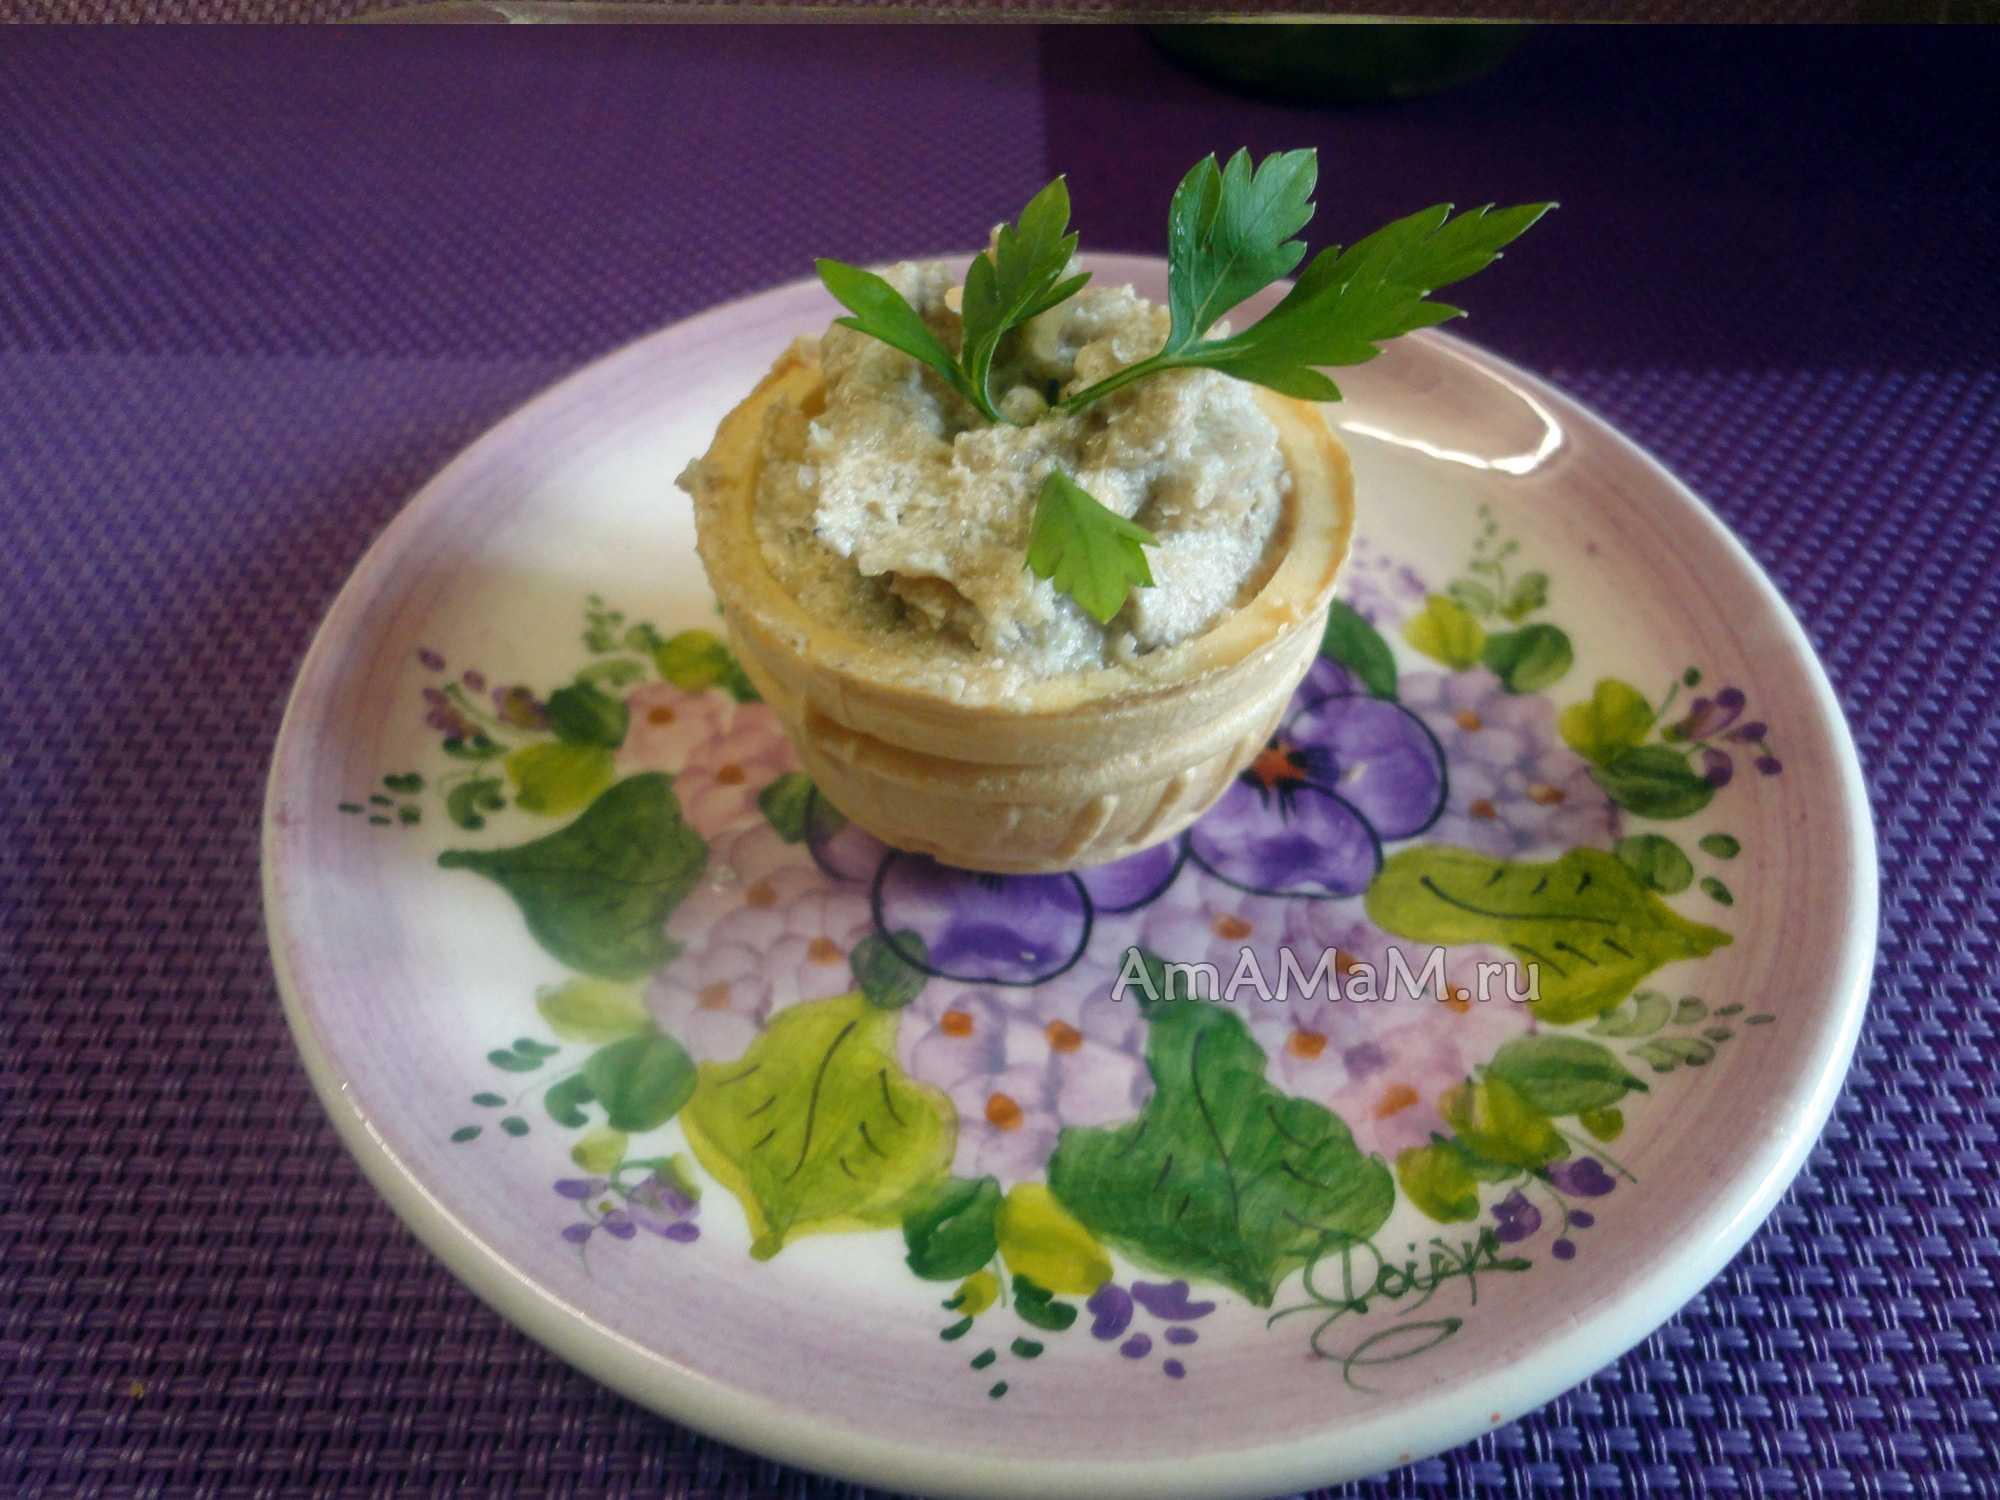 Пошаговый рецепт грибного паштета из шампиньонов